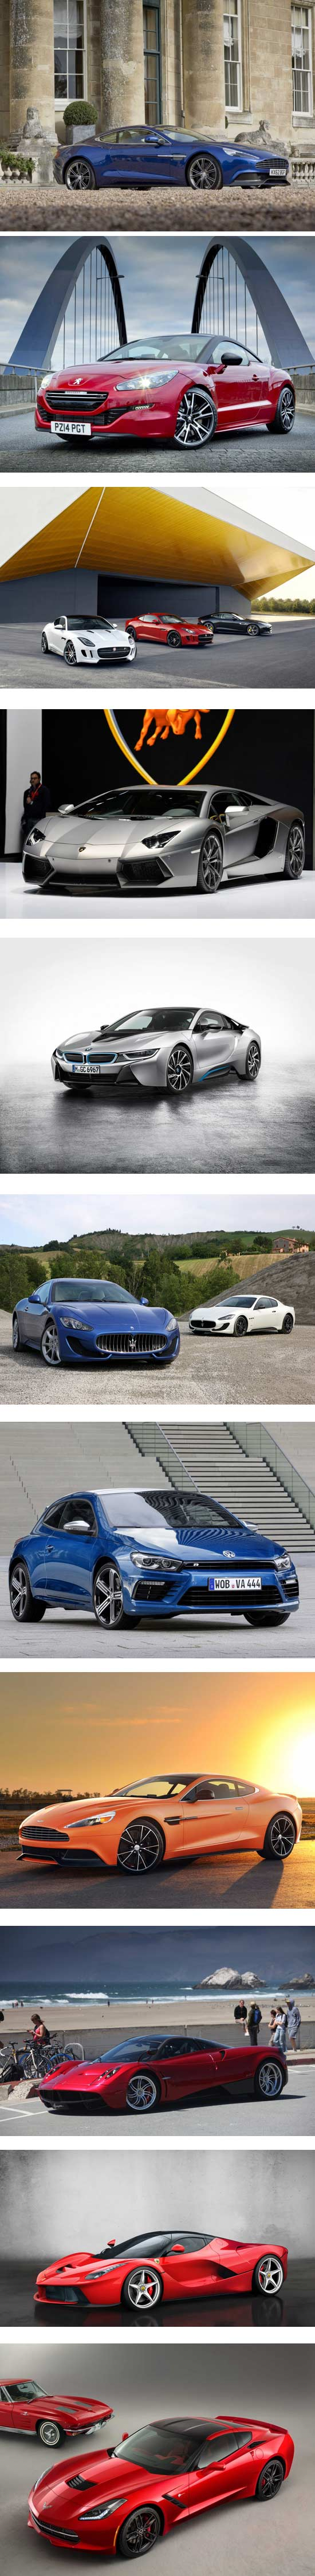 מכוניות יוקרה / מתוך: ביזנס אינסיידר